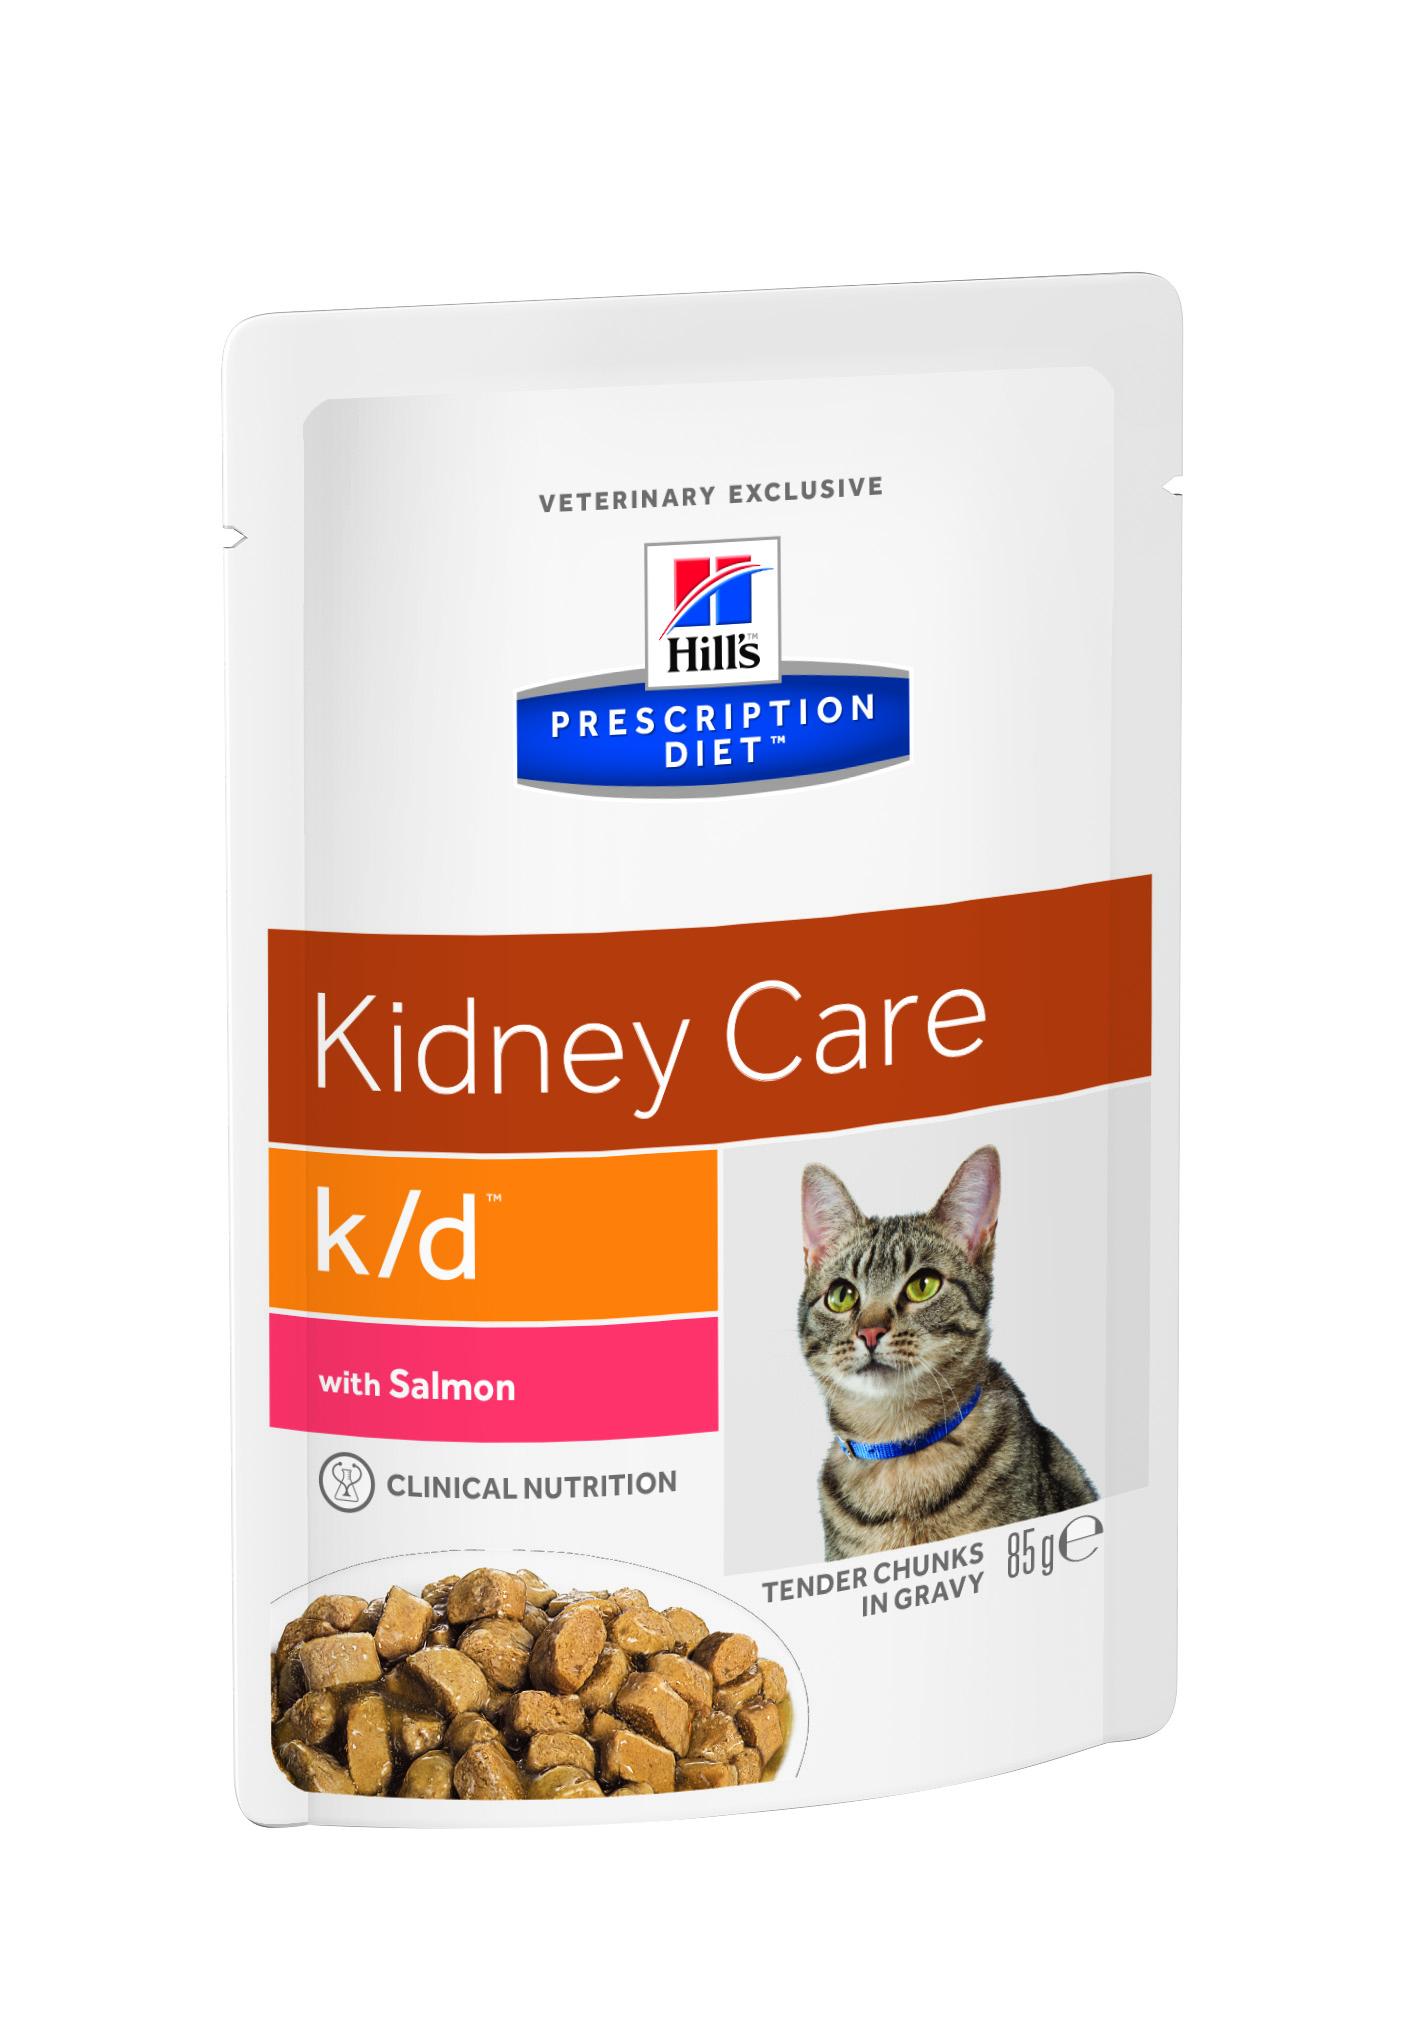 Консервы диетические для кошек Hills K/D, для поддержания функции почек, с лососем, 85 г0120710Консервы для кошек Hills K/D - полноценный диетический рацион для кошек для поддержания функции почек при почечной недостаточности. Содержит пониженный уровень фосфора и оптимальный уровень протеинов высокой биологической ценности.Ключевые преимущества: - Пониженный уровень протеина высокого качества предотвращает токсическое расщепление продуктов обмена, что вызывает негативные клинические признаки. - Добавление Омега-3 жирных кислот из рыбьего жира способствует улучшению кровотока в почках. - Помогает нейтрализовать действие свободных радикалов за счет высокого содержания антиоксидантов. - Обеспечивает превосходный вкус и возможность смешивания сухого и влажного рациона для разнообразия рациона Вашей кошки. Состав: курица, свинина, лосось (4%), кукурузный крахмал, пшеничная мука, крахмал из тапиоки, различные сахара, минералы и микроэлементы, витамины, сухое цельное яйцо, подсолнечное масло, рыбий жир, порошок животного протеина, концентрат горохового протеина. Окрашено натуральной карамелью.Среднее содержание нутриентов: бета-каротин 0,5 мг/кг, витамин А 16000 МЕ/кг, витамин С 35 мг/кг, витамин D 275 МЕ/кг, витамин Е 170 мг/кг, жиры 5,1%, калий 0,19%, кальций 0,17%, клетчатка 0,6%, магний 0,02%, натрий 0,06%, омега-3 жирные кислоты 0,22%, омега-6 жирные кислоты 0,88%, протеин 6,6%, таурин 574 мг/кг, углеводы 9,3%, фосфор 0,1%.Энергетическая ценность (100 г): 440 Ккал.Товар сертифицирован.Уважаемые клиенты! Обращаем ваше внимание на возможные изменения в дизайне упаковки. Качественные характеристики товара остаются неизменными. Поставка осуществляется в зависимости от наличия на складе.